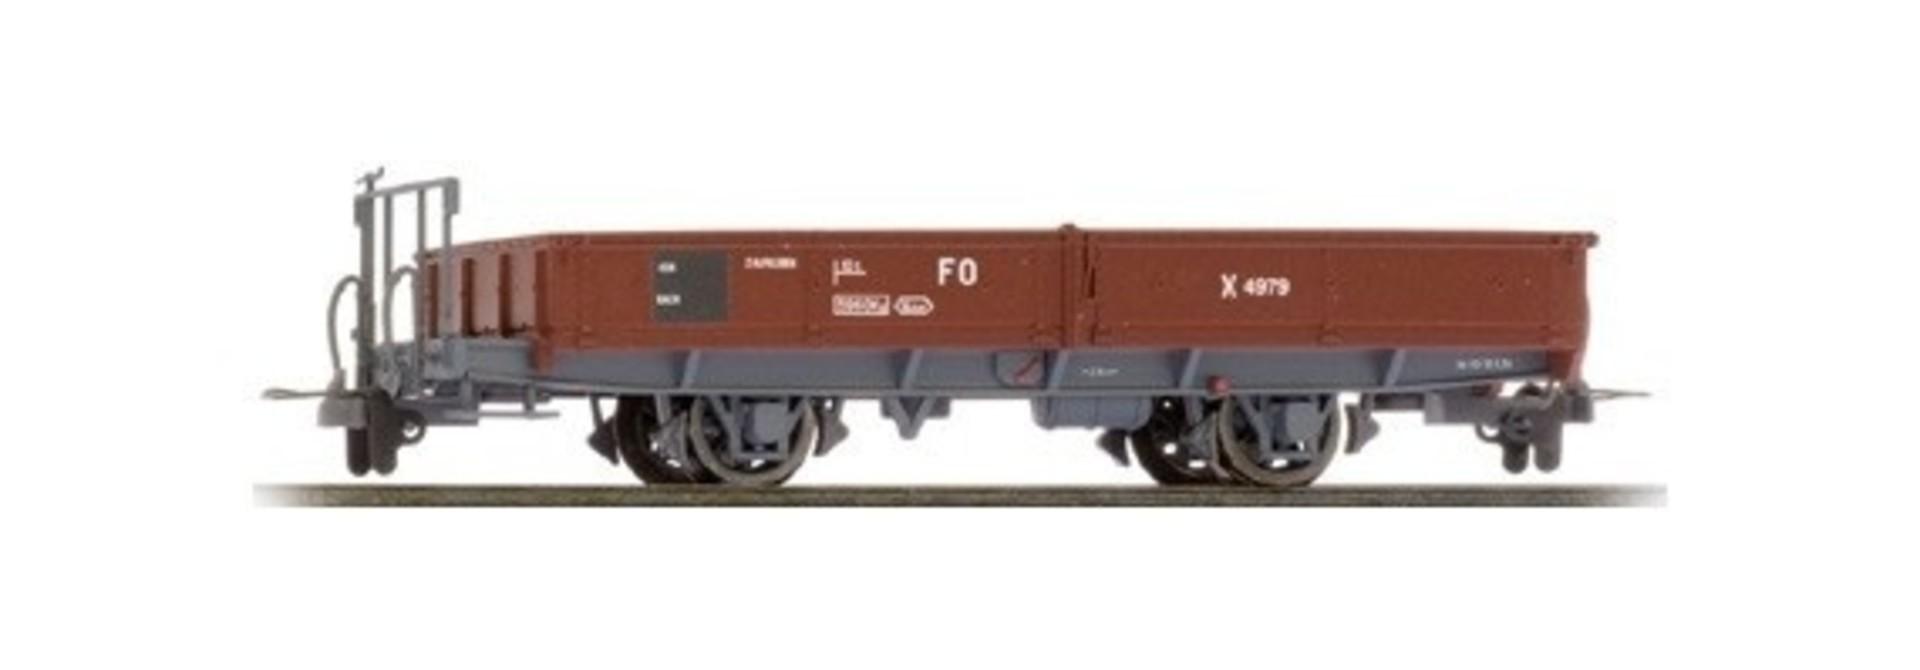 2257226 FO X 4976 Bahndienstwagen